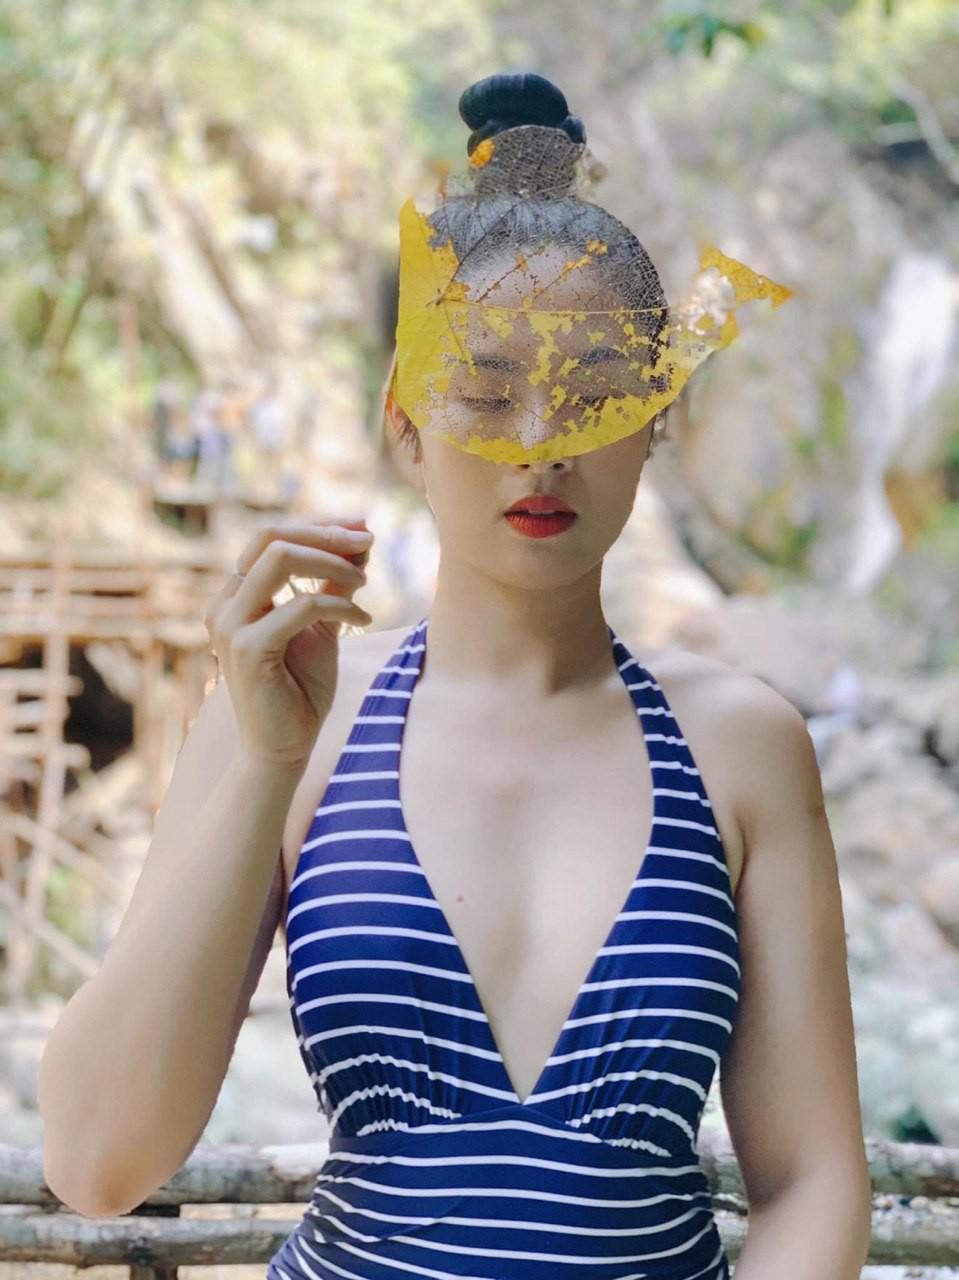 Hiếm hoi thấy Ngọc Hân diện áo tắm khoe body nóng bỏng sau 9 năm đăng quang Hoa hậu Việt Nam - Ảnh 2.